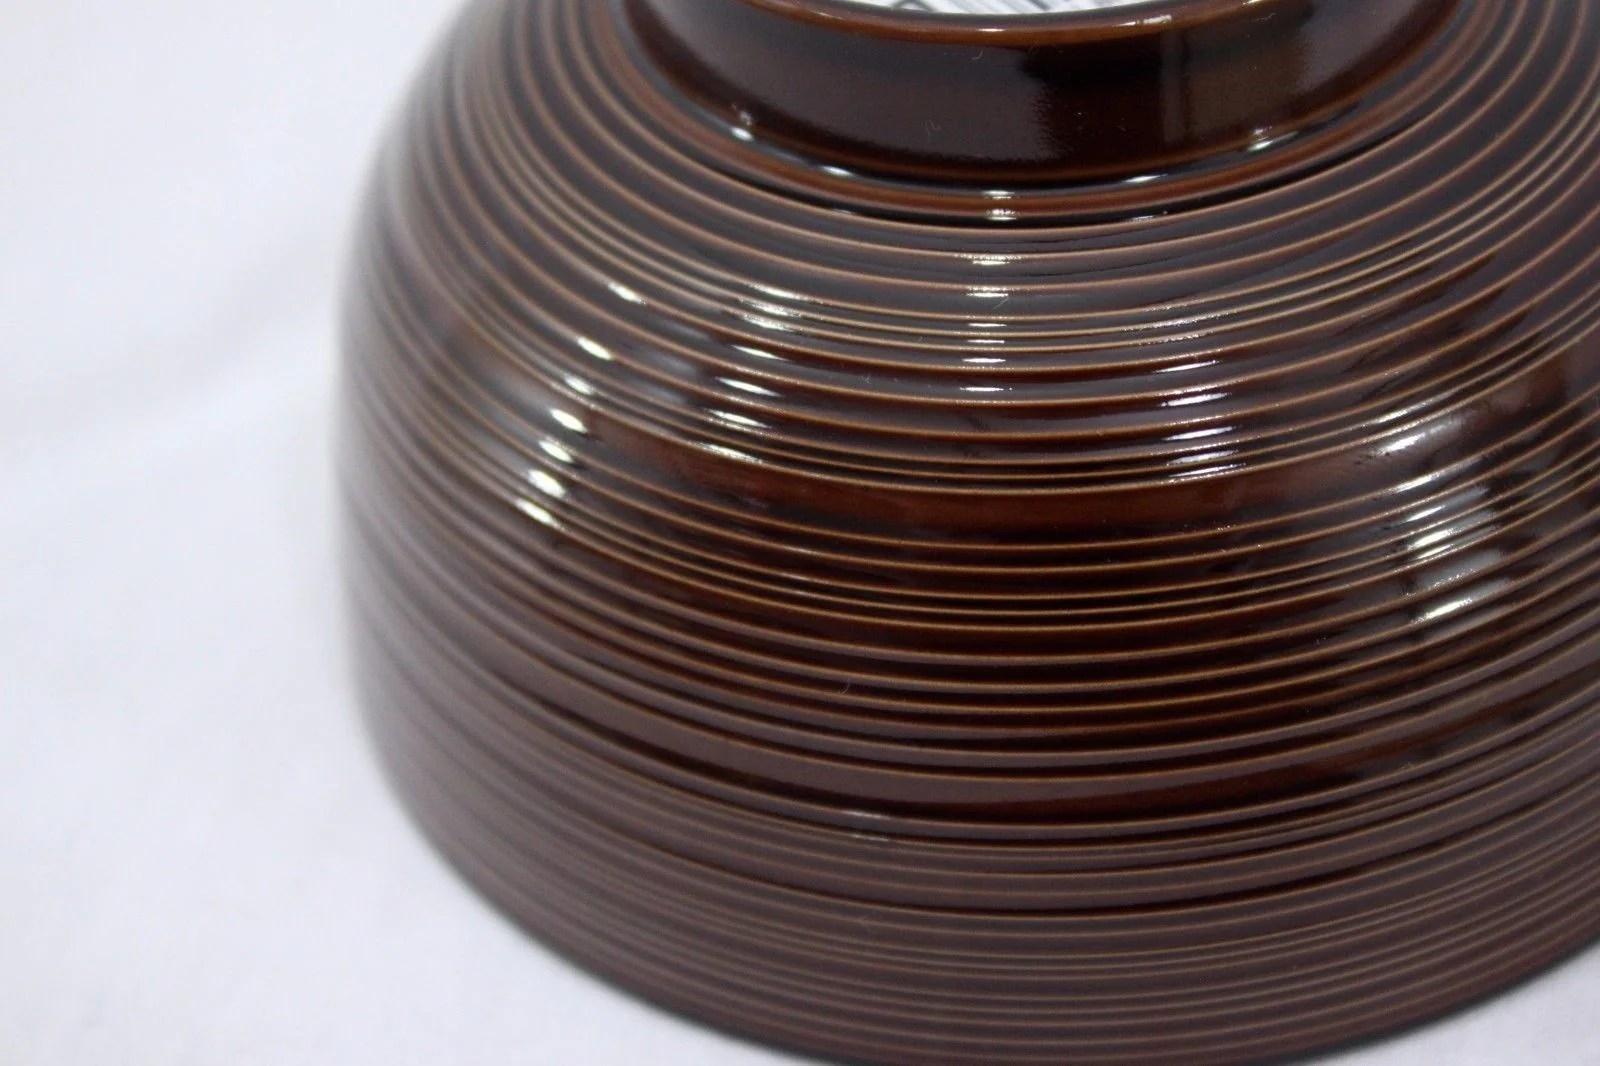 お椀 bol japonais made in japan imitation bois 18